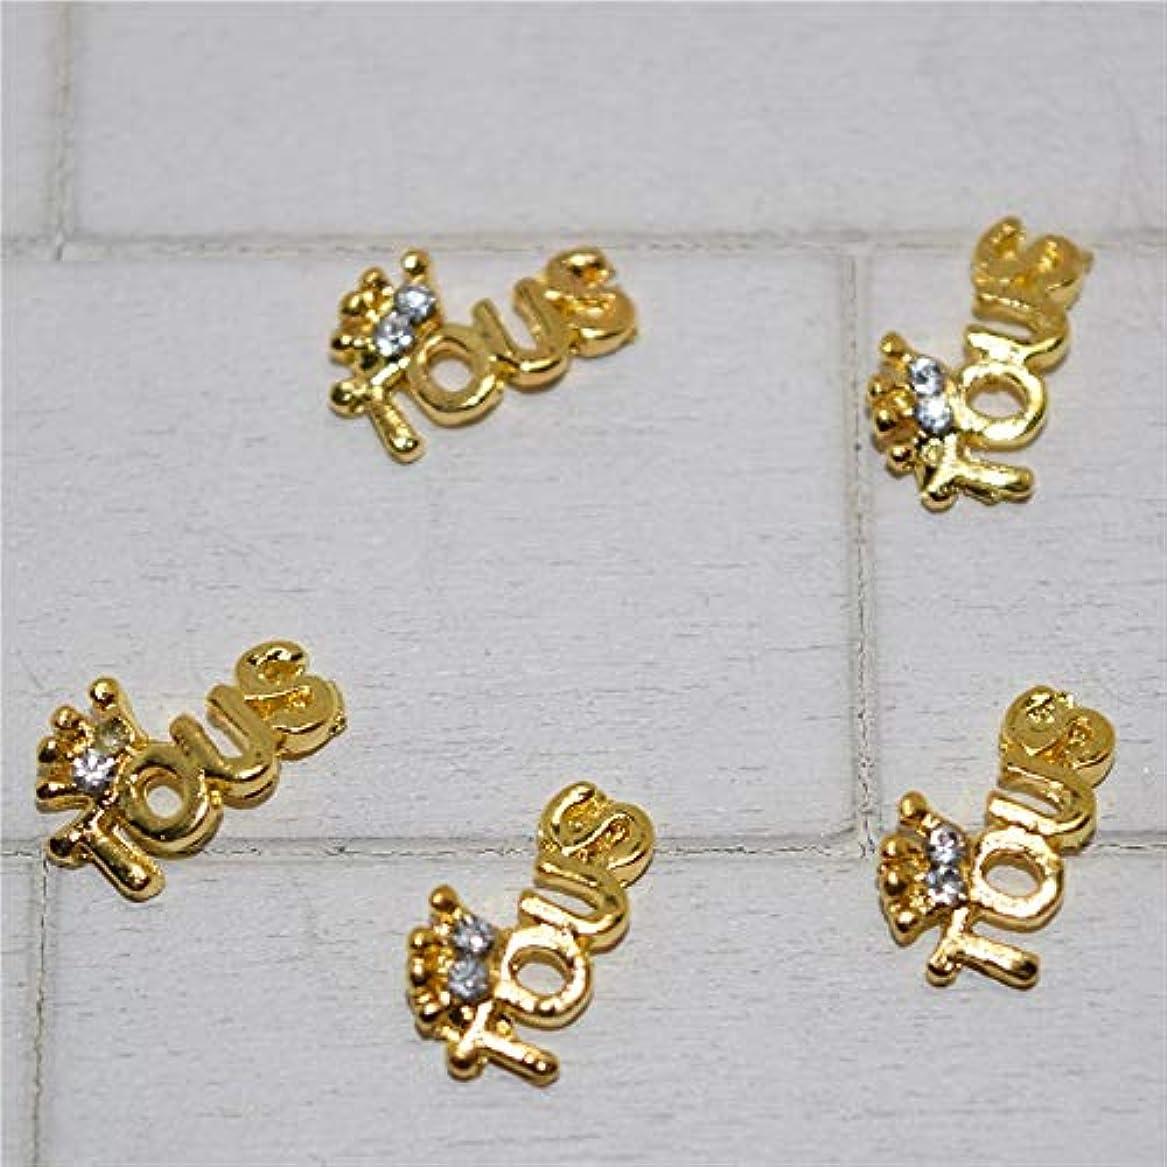 盆地終了しました拒絶10psc新ゴールデンラインストーンの手紙3Dネイルアートの装飾、合金ネイルチャーム、爪ラインストーンネイル用品